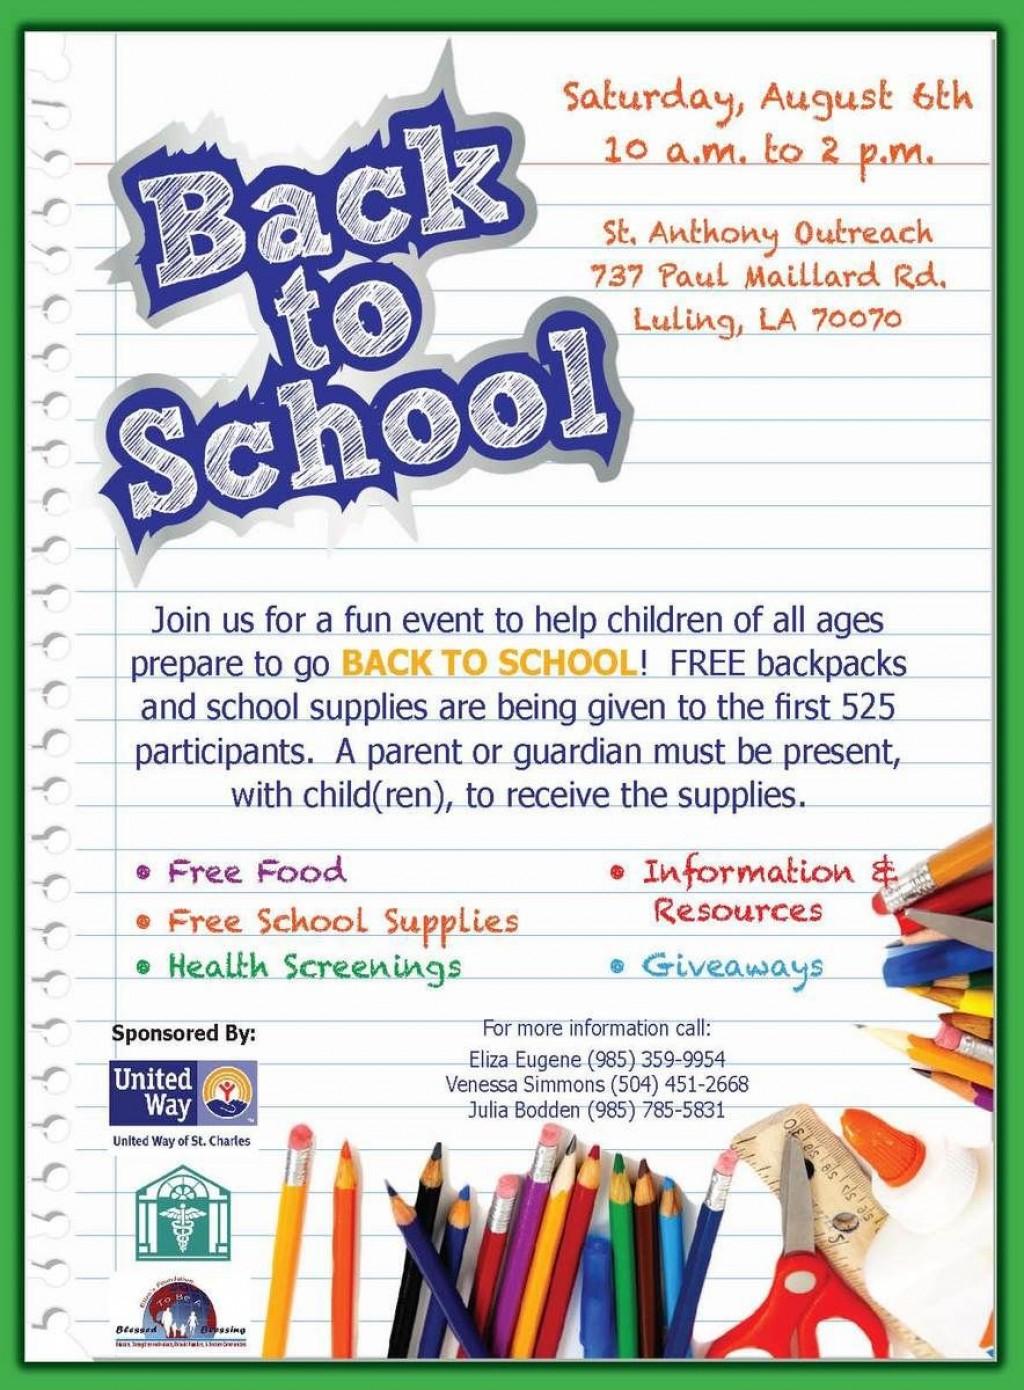 002 Rare Free School Event Flyer Template Design  TemplatesLarge